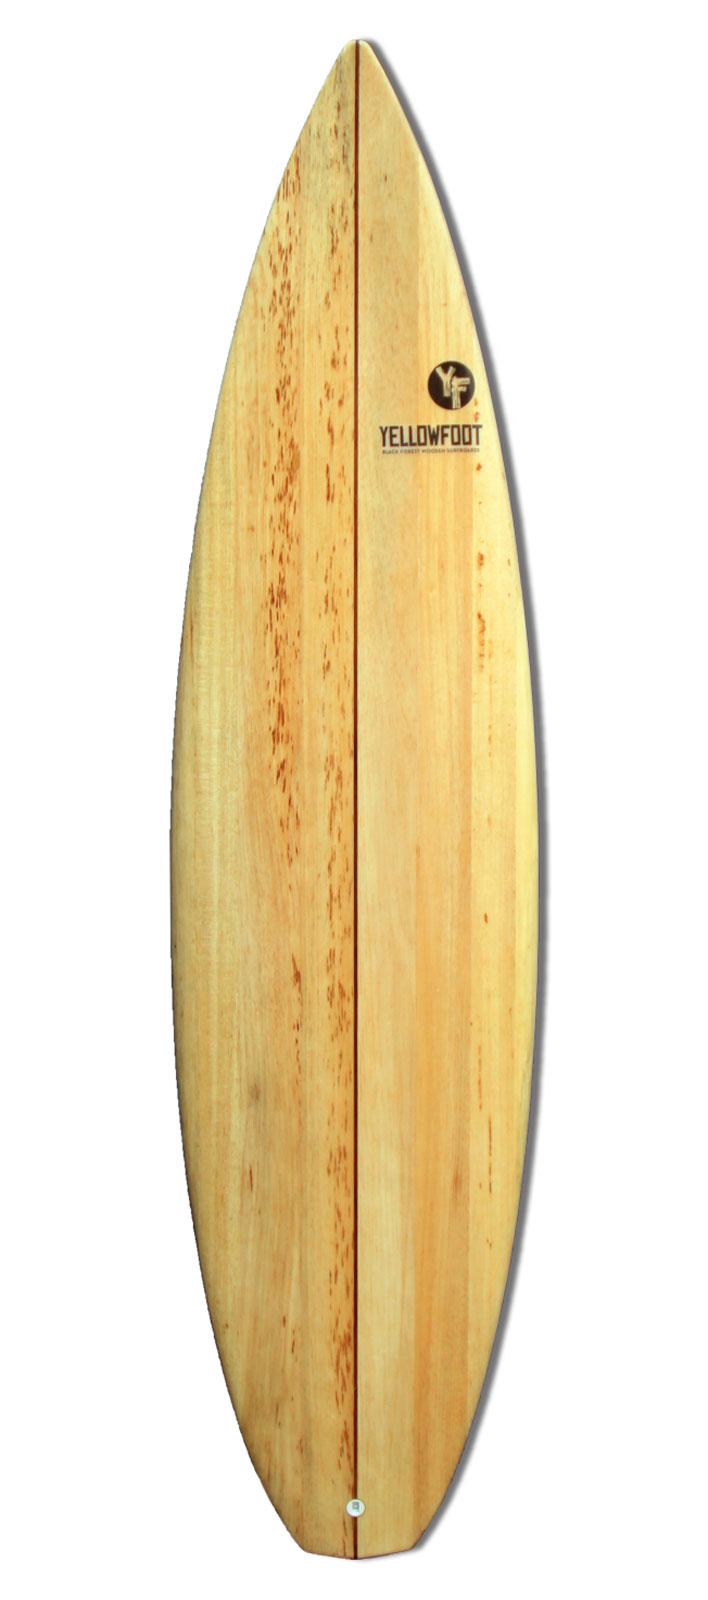 Shortboard-Holz-Balsa